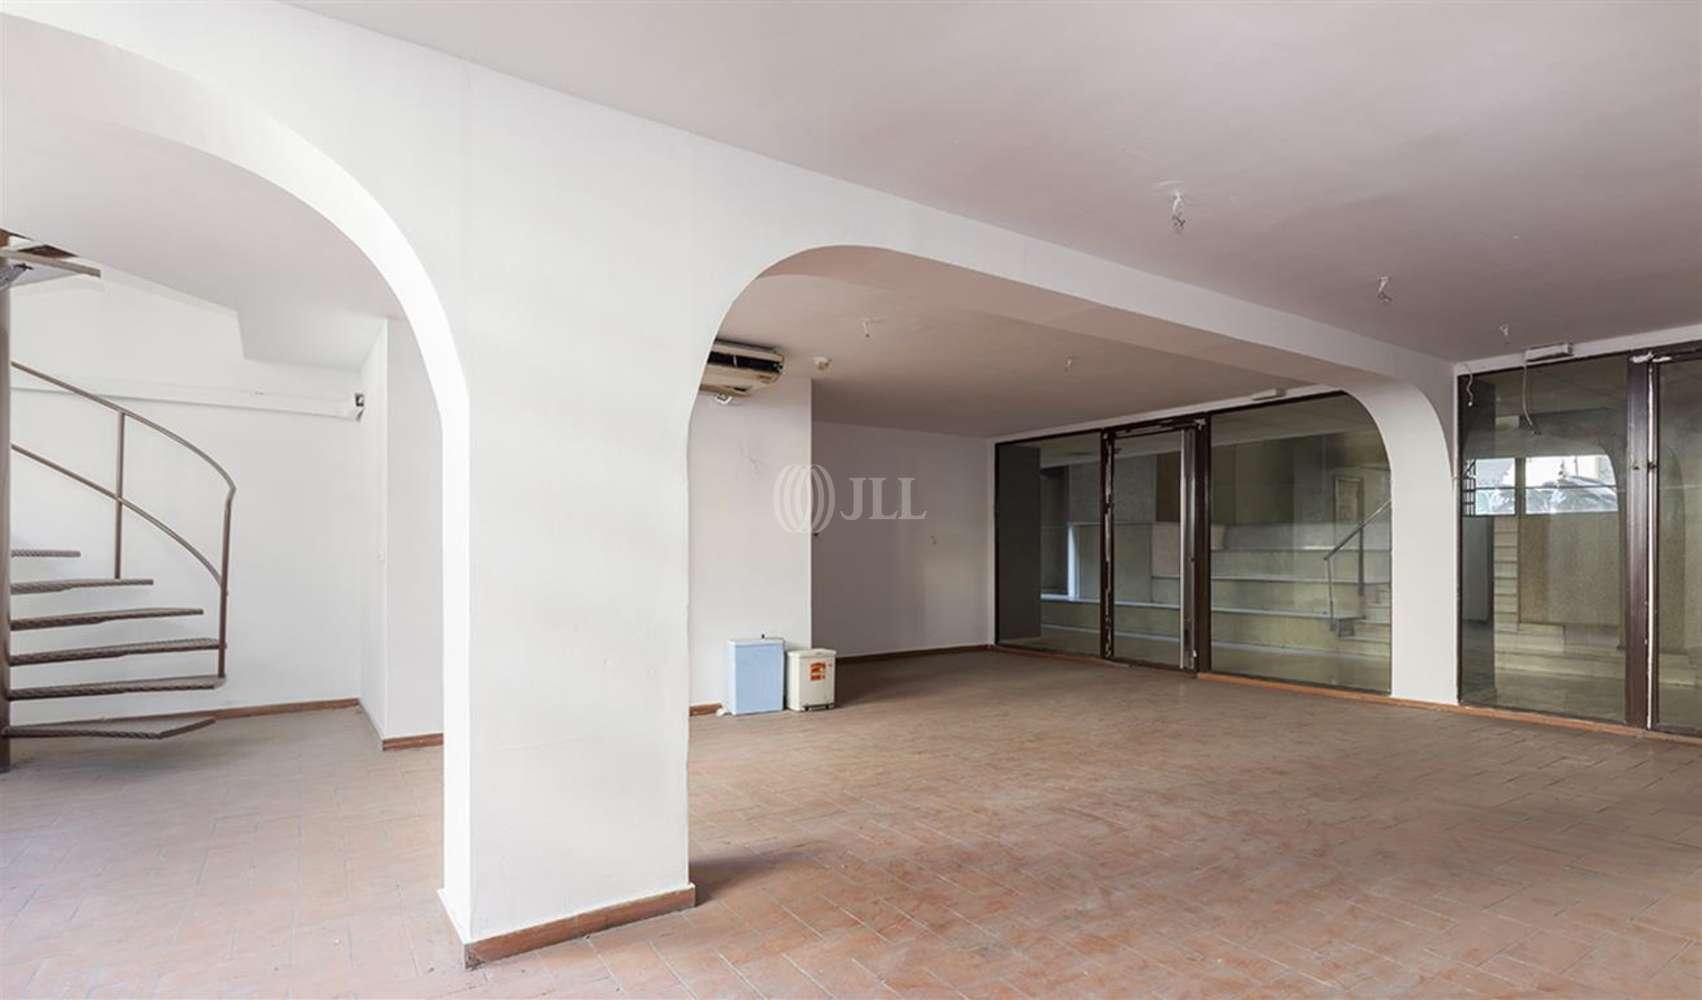 Local comercial Barcelona, 08029 - CALABRIA 193